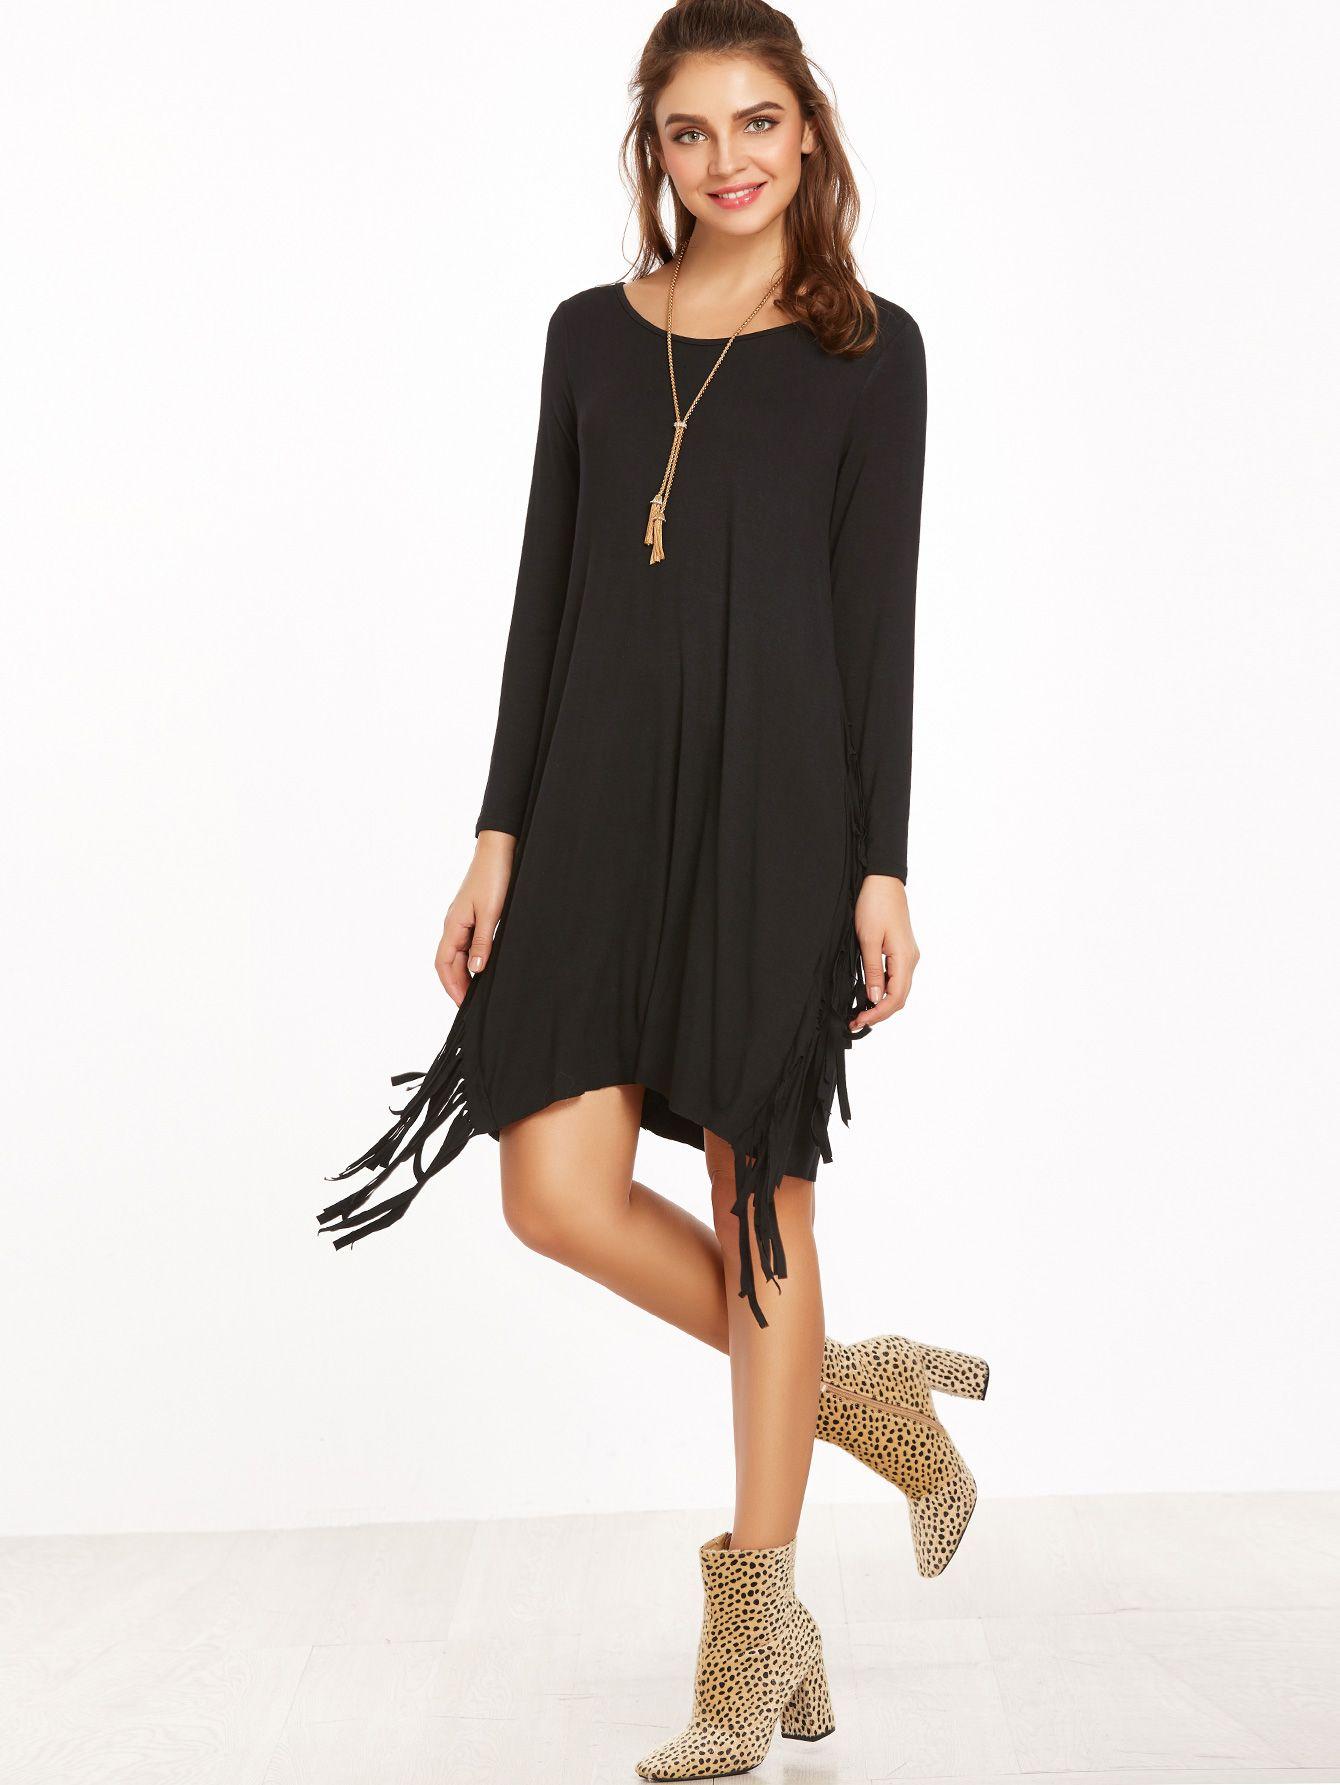 Shop Black Long Sleeve Fringe Dress Online Shein Offers Black Long Sleeve Fringe Dress More To Fit Your Fashionabl Black Fringe Dress Dresses Tshirt Outfits [ 1785 x 1340 Pixel ]